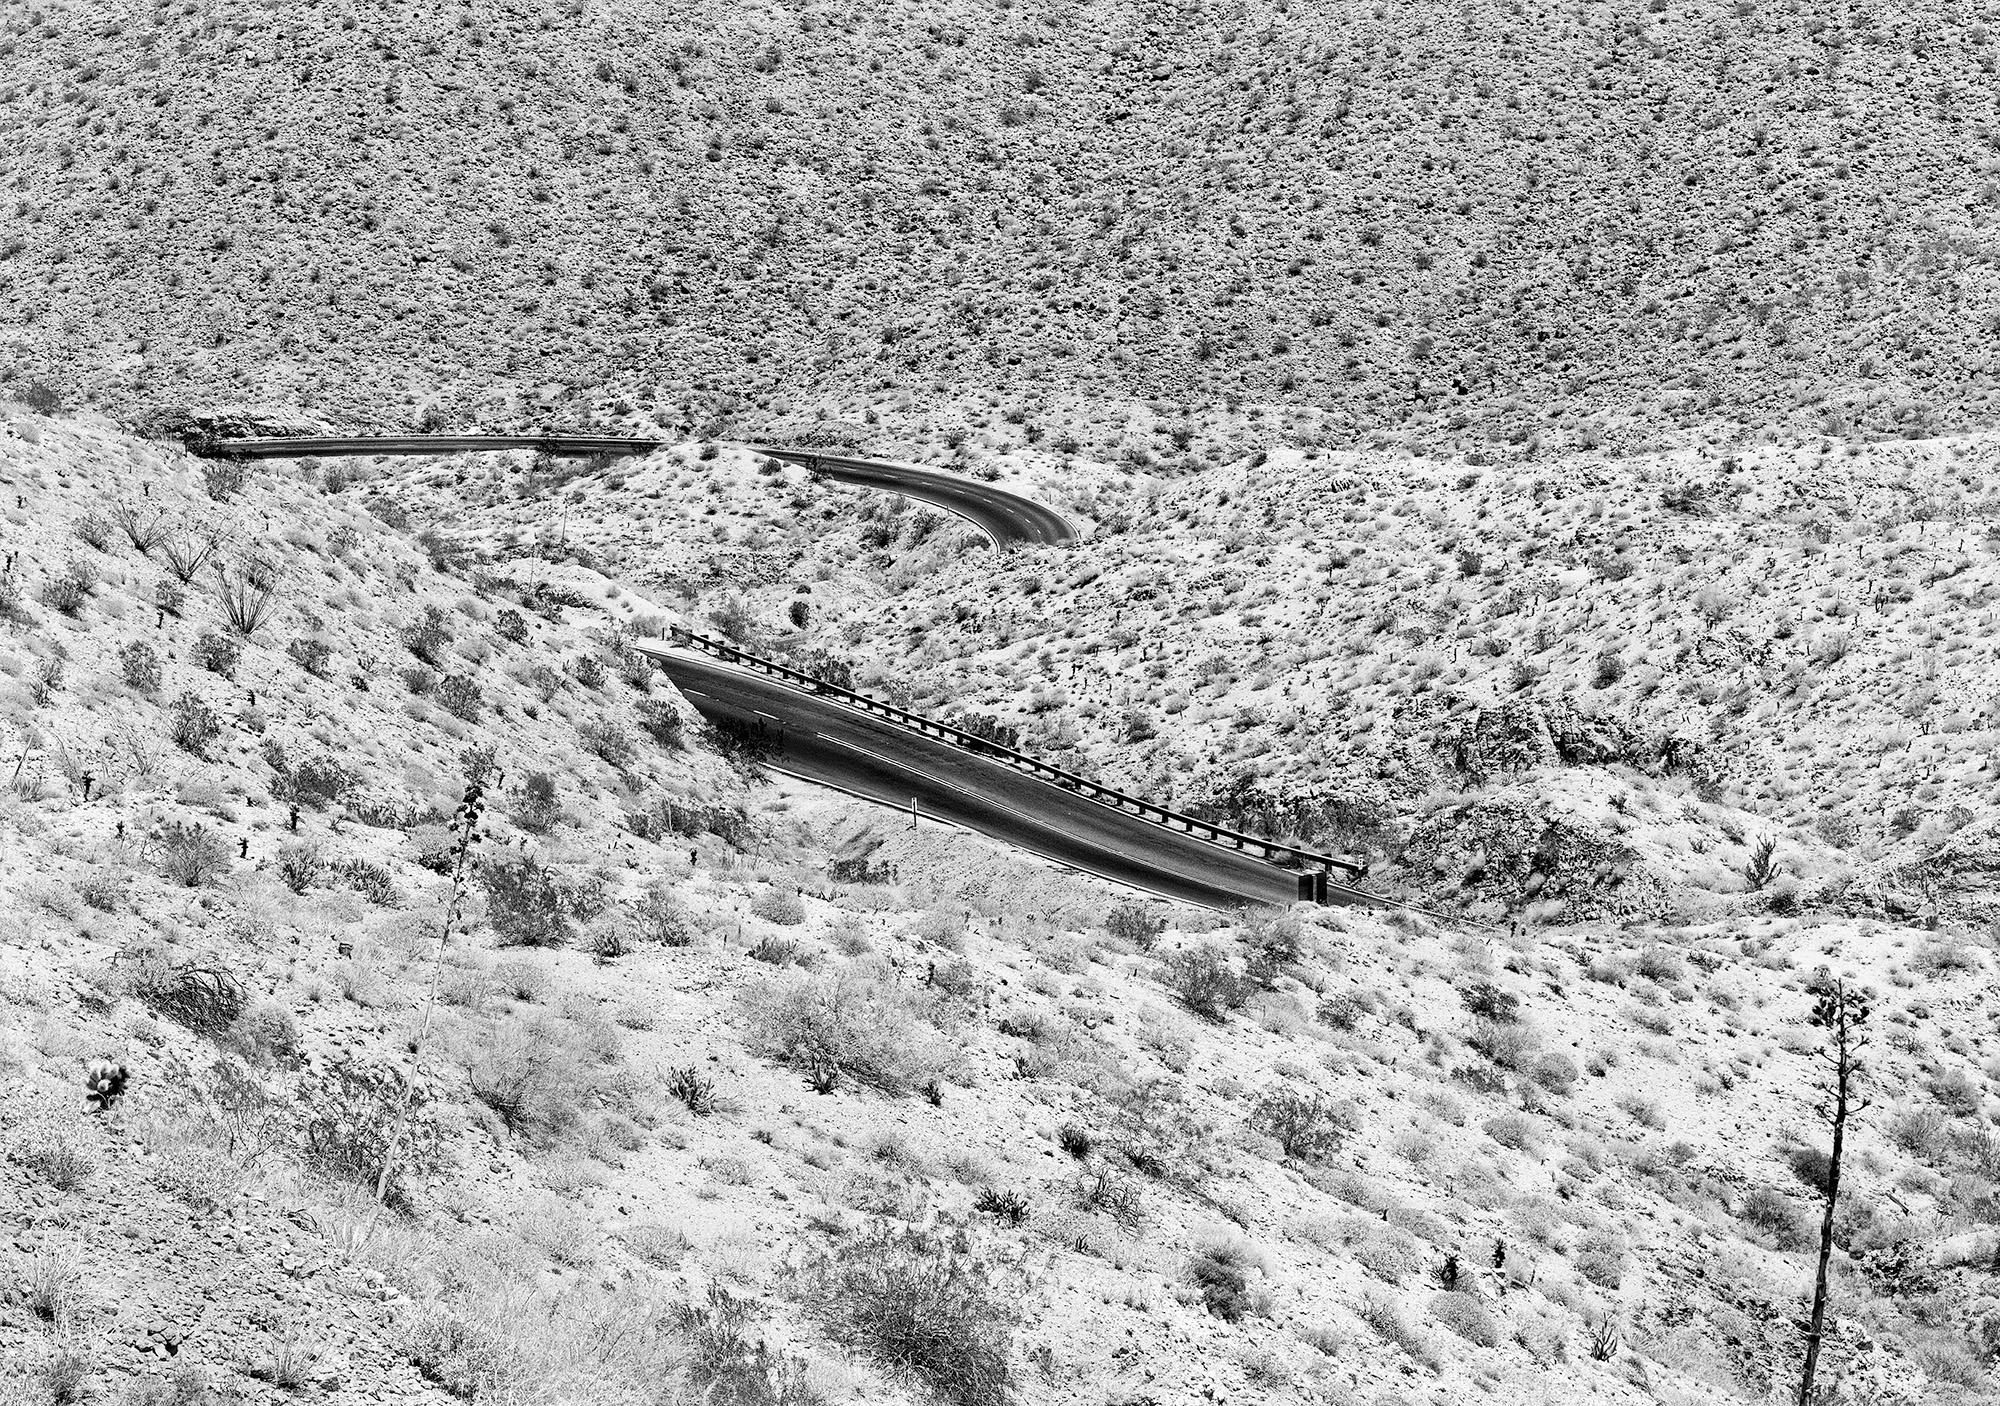 Palm Springs, California, USA 1981